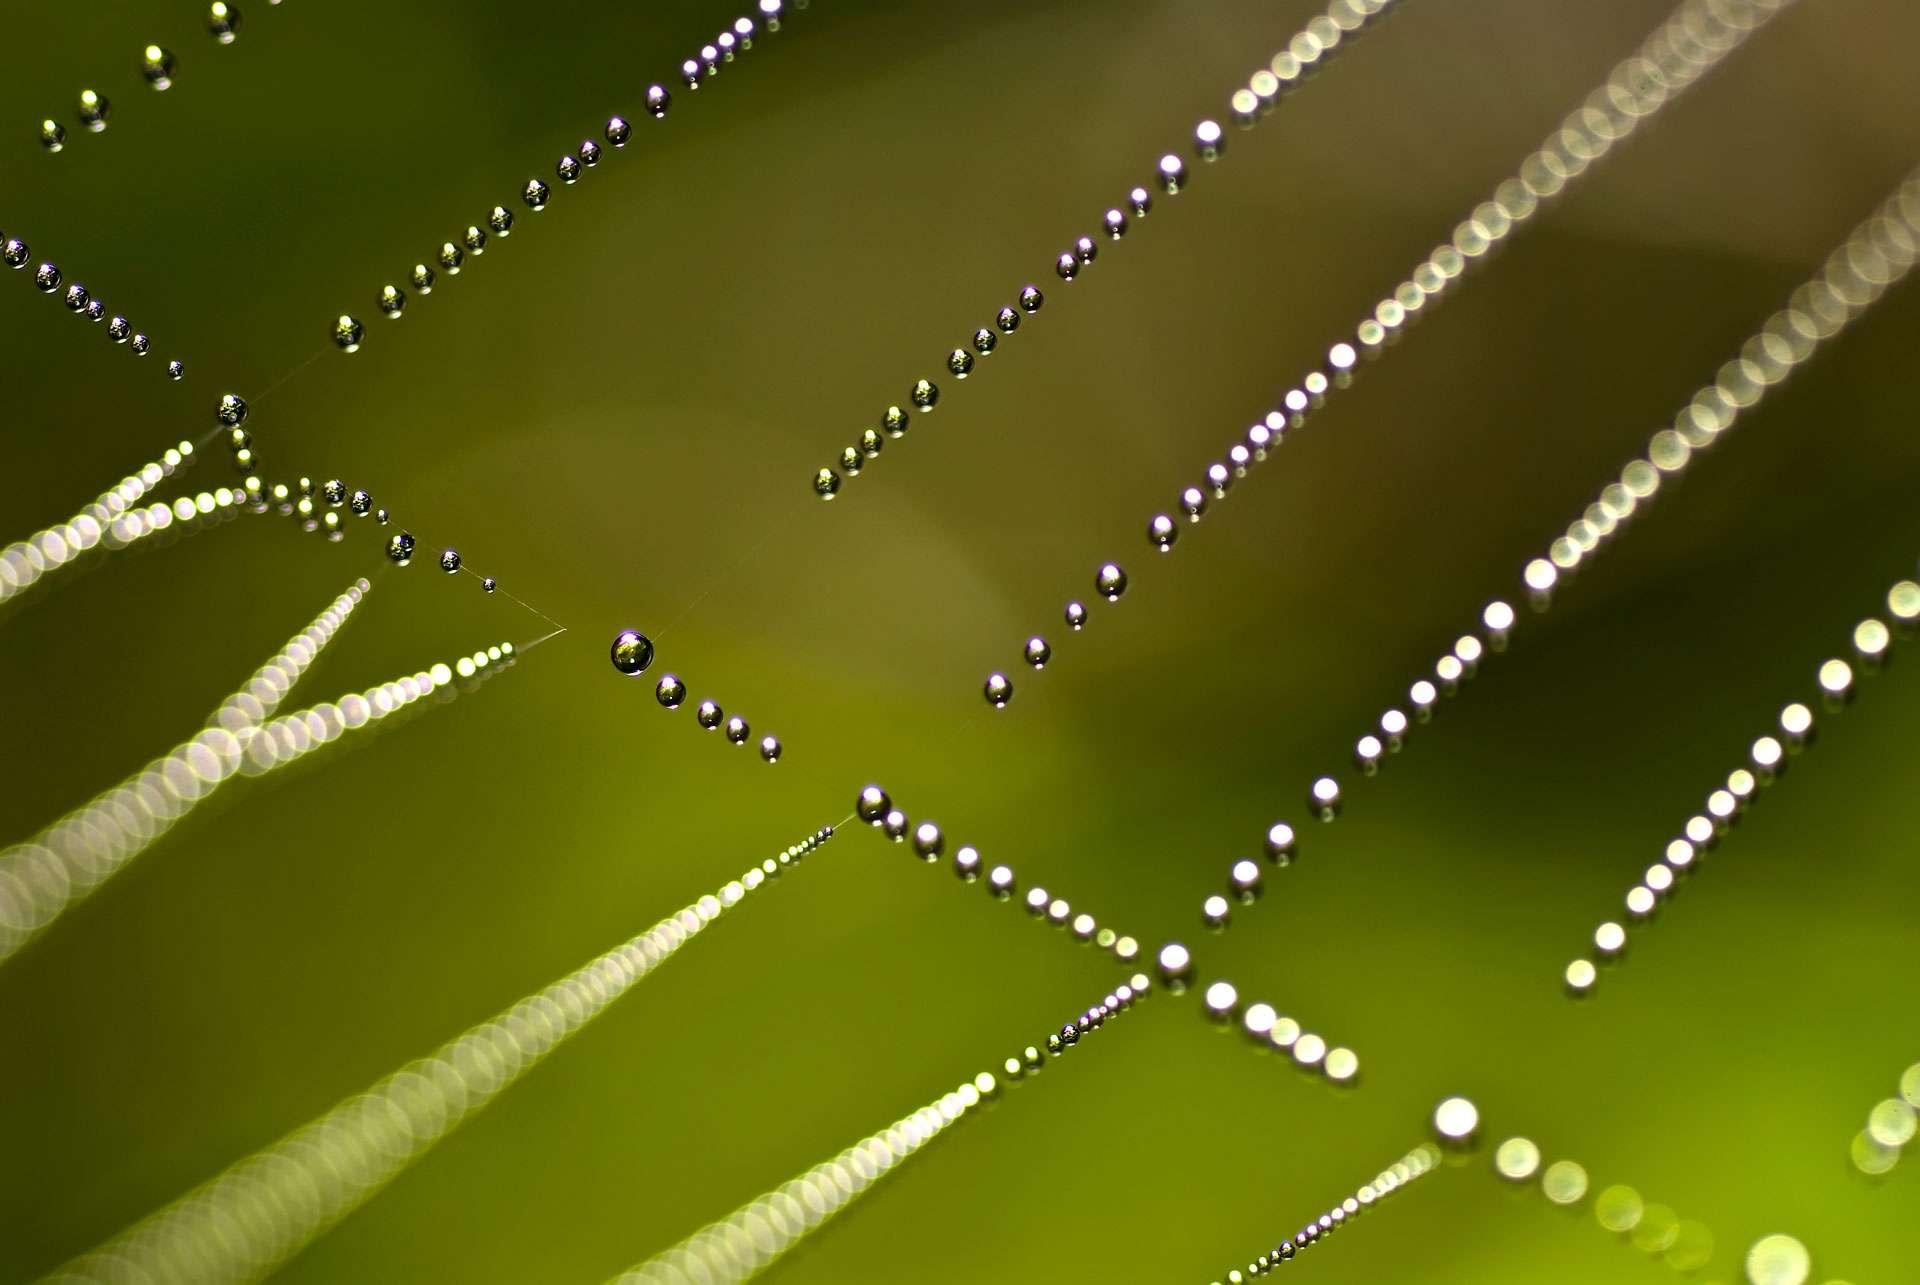 La rosée du matin forme des gouttes d'eau sur une toile d'araignée. © alessandrozocc